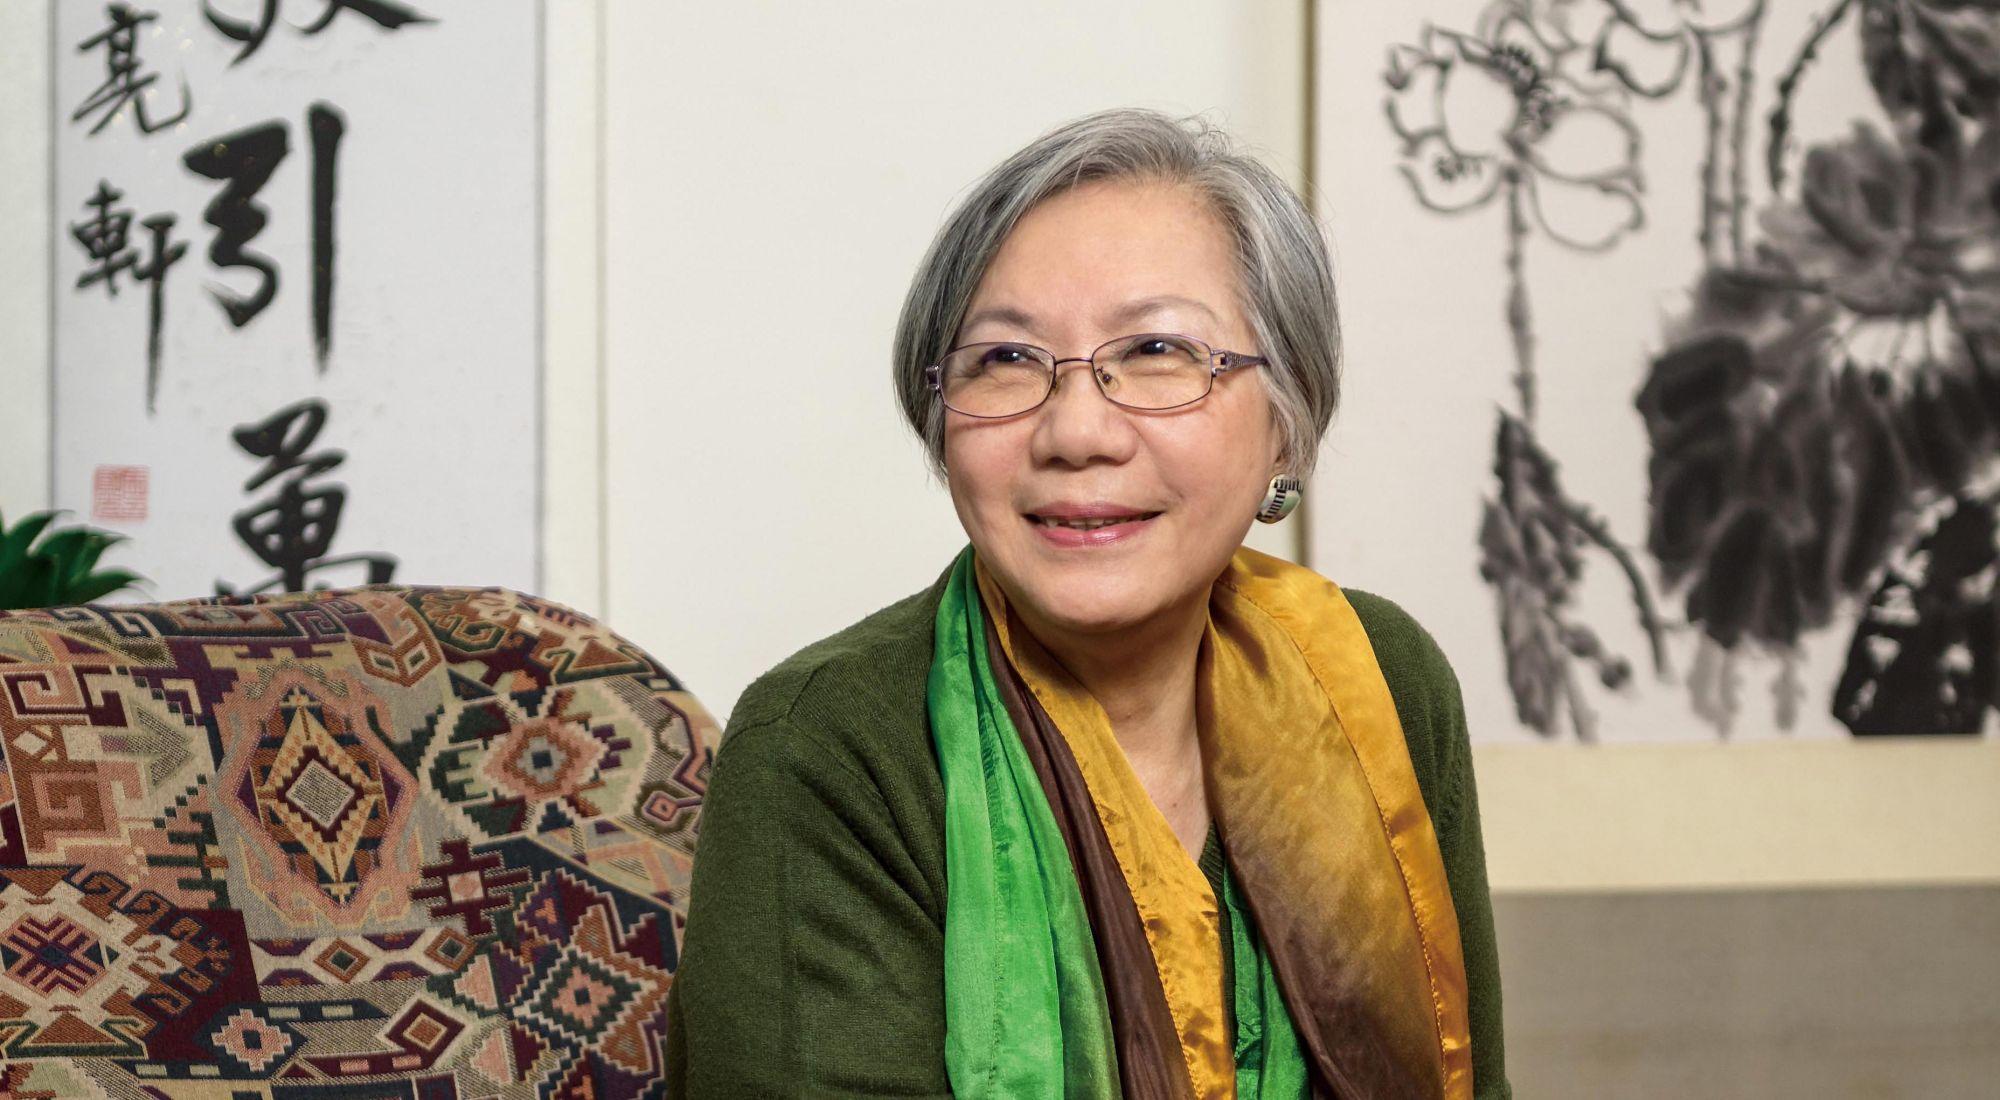 台灣民歌之母陶曉清:「人生就像一條河流,不同的階段會在不同的碼頭靠岸,而每一站旅程,都會影響你成為什麼樣的人。」